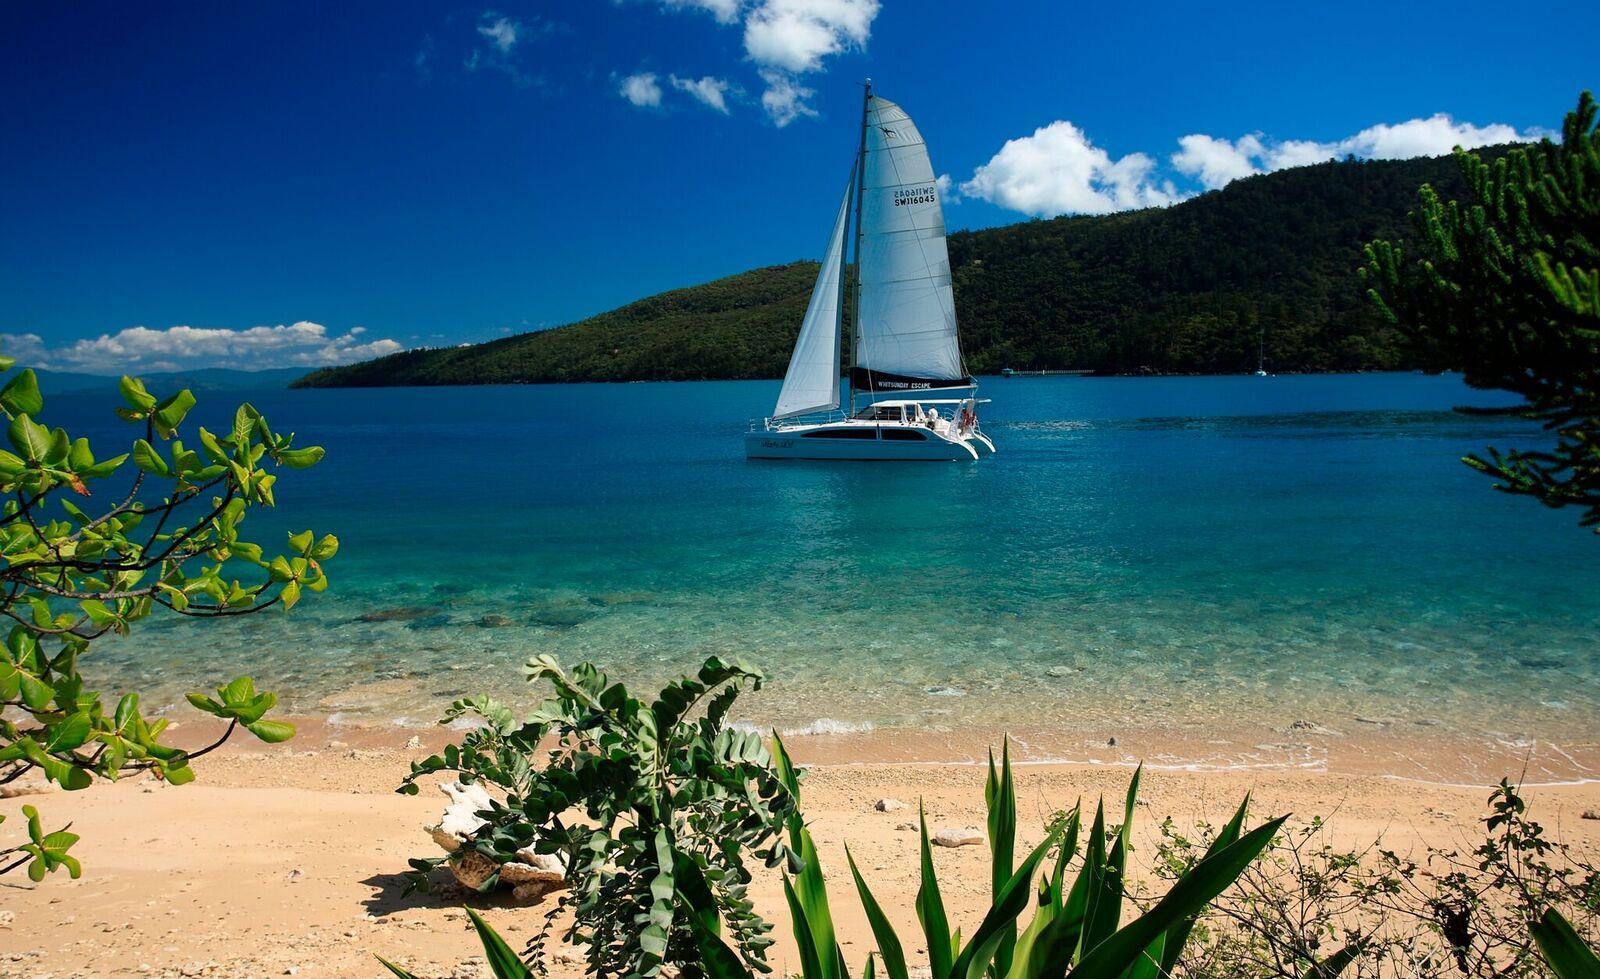 bareboatwhitsundays with Whitsunday Escape sailing and charter boat holidays